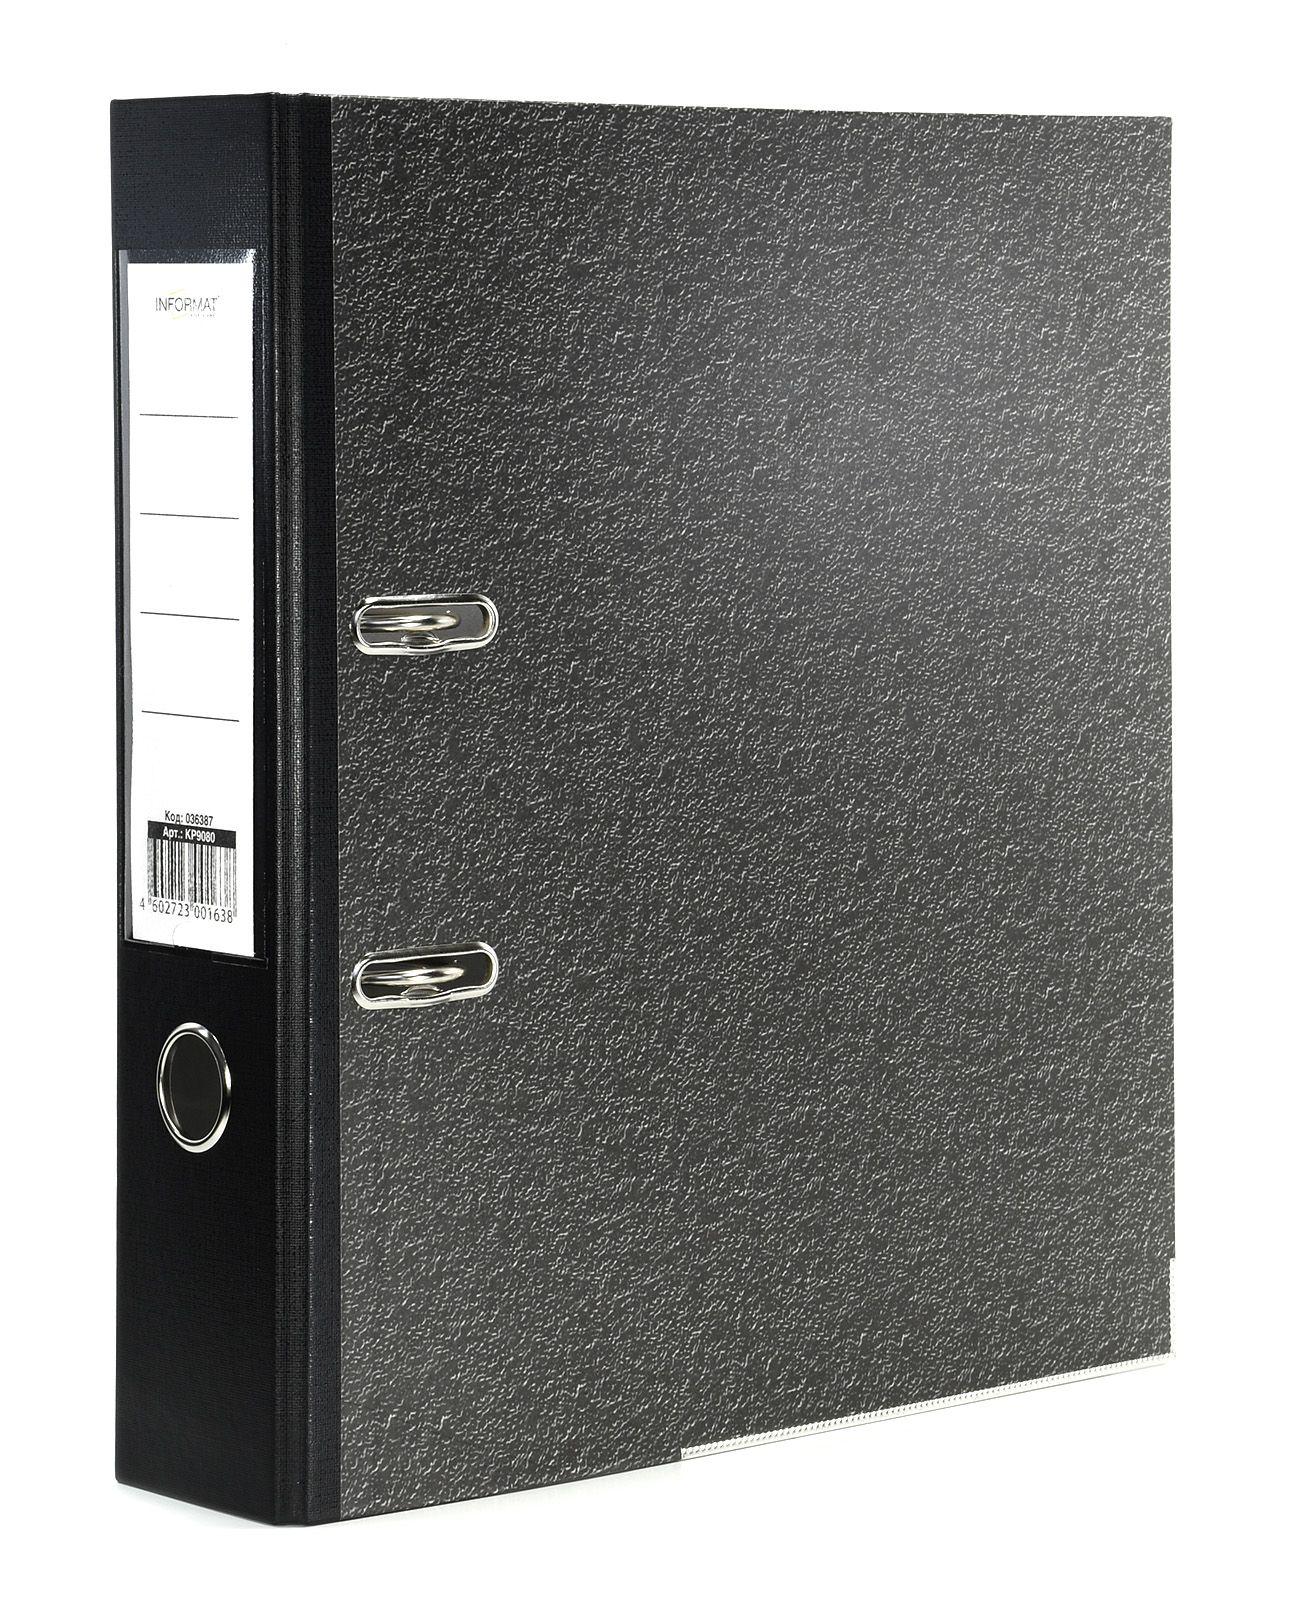 Папка-регистратор INFORMAT 75 мм бумага, черный мрамор